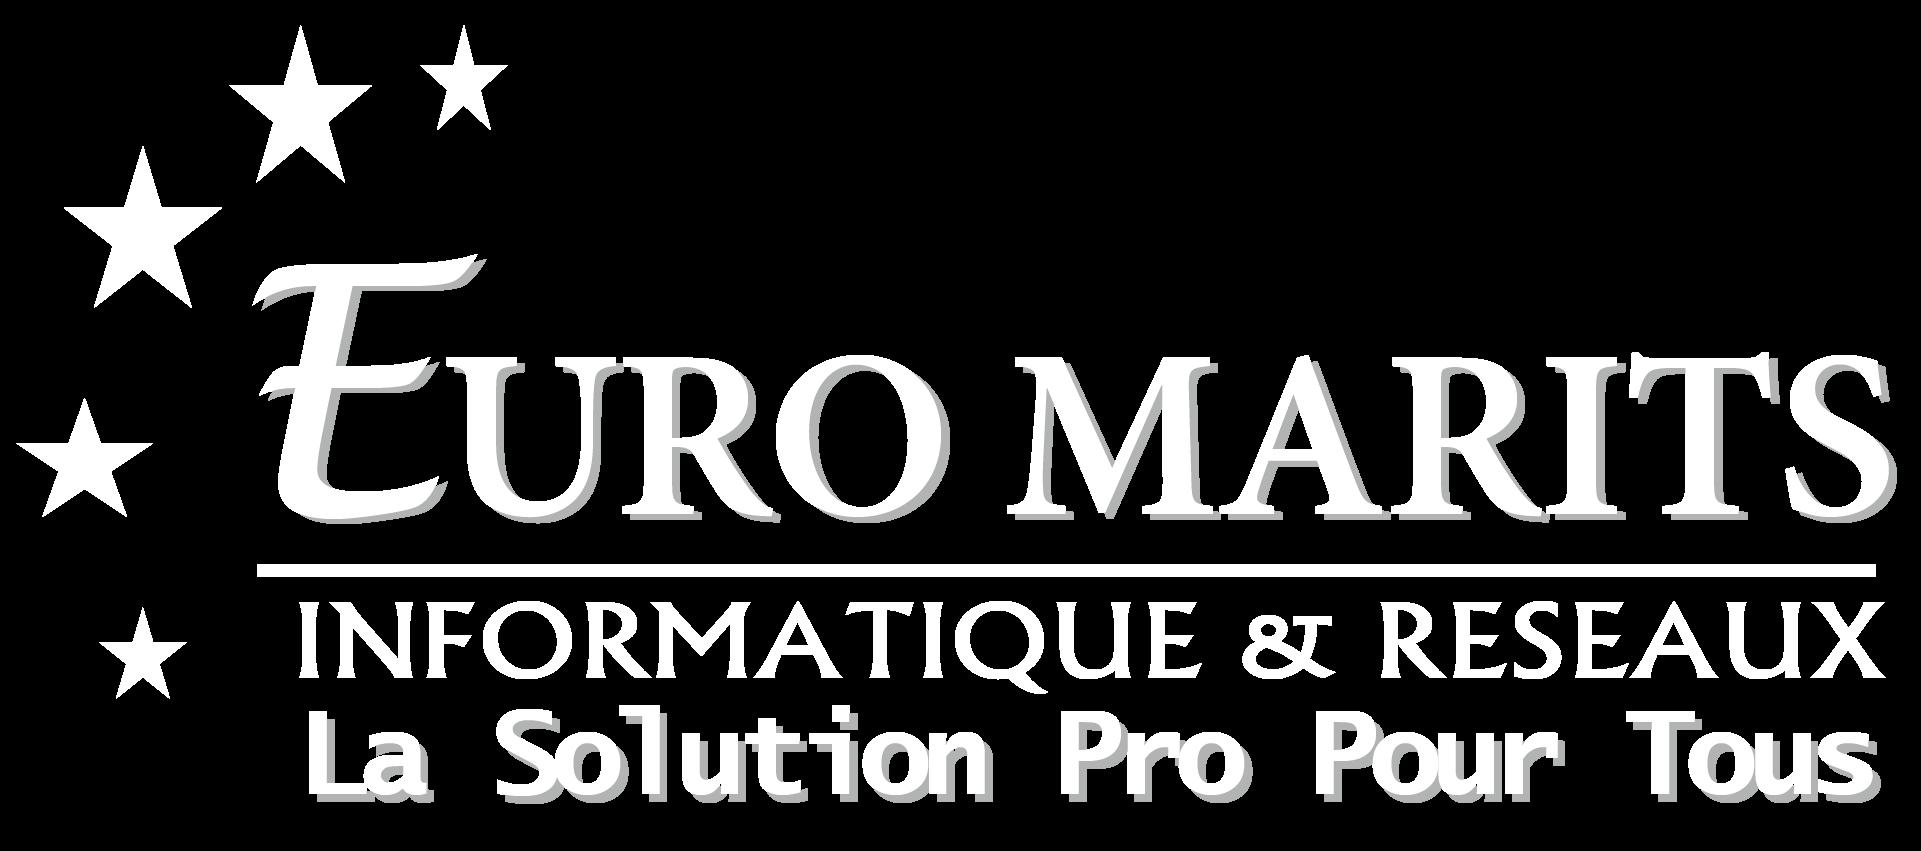 euromarits